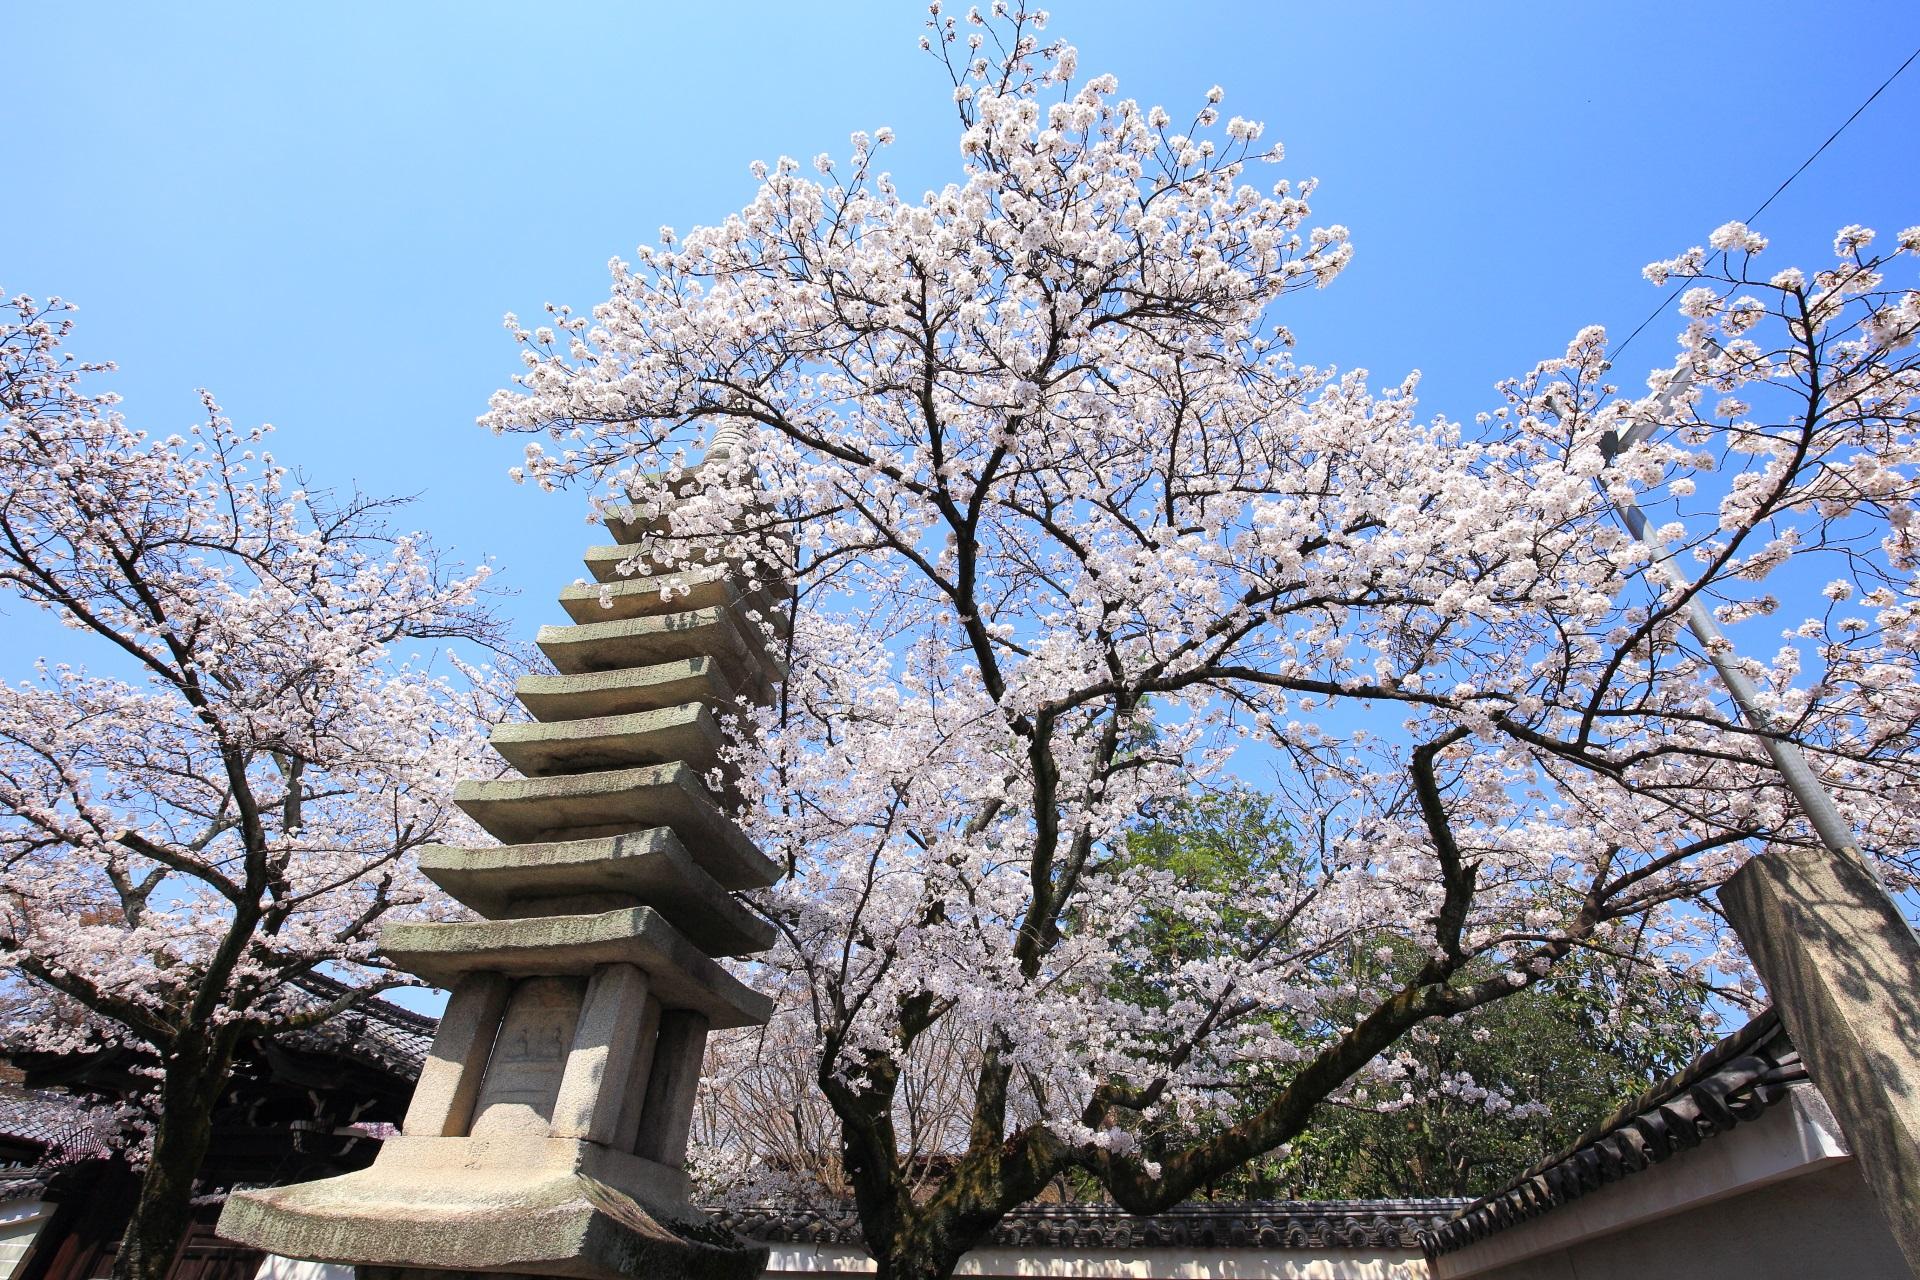 妙顕寺の勅使門付近の石塔と弾ける桜